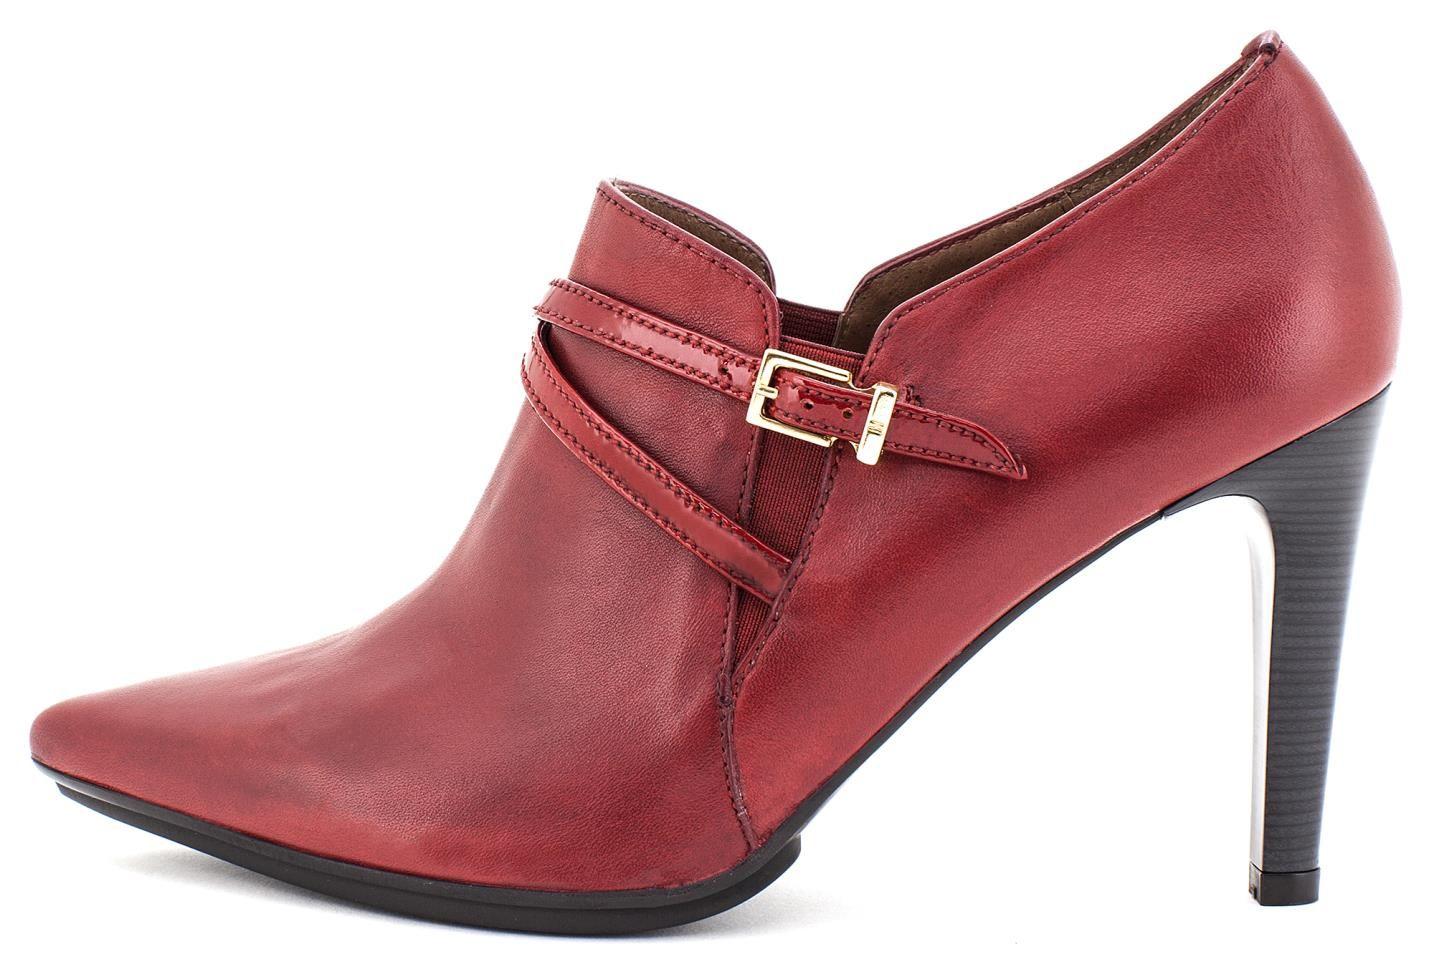 Zapatos Mujer Abotinado Hispanitas Hi51918 Guinda Pointed Toe Boots Heels Shoes